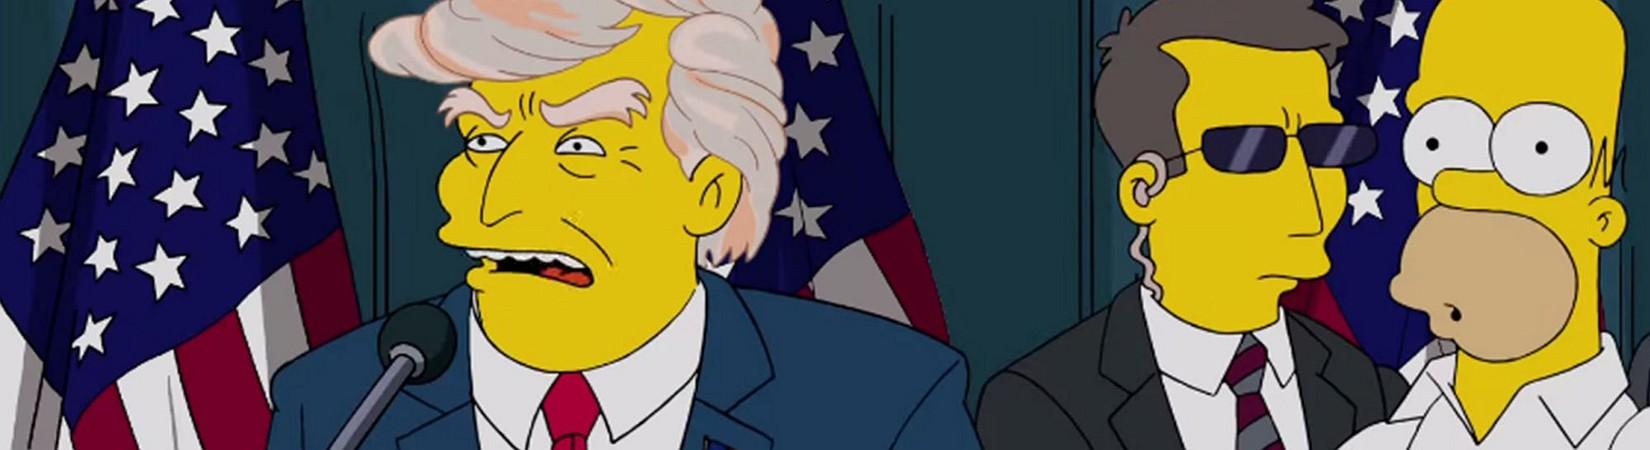 Что предсказали «Симпсоны»